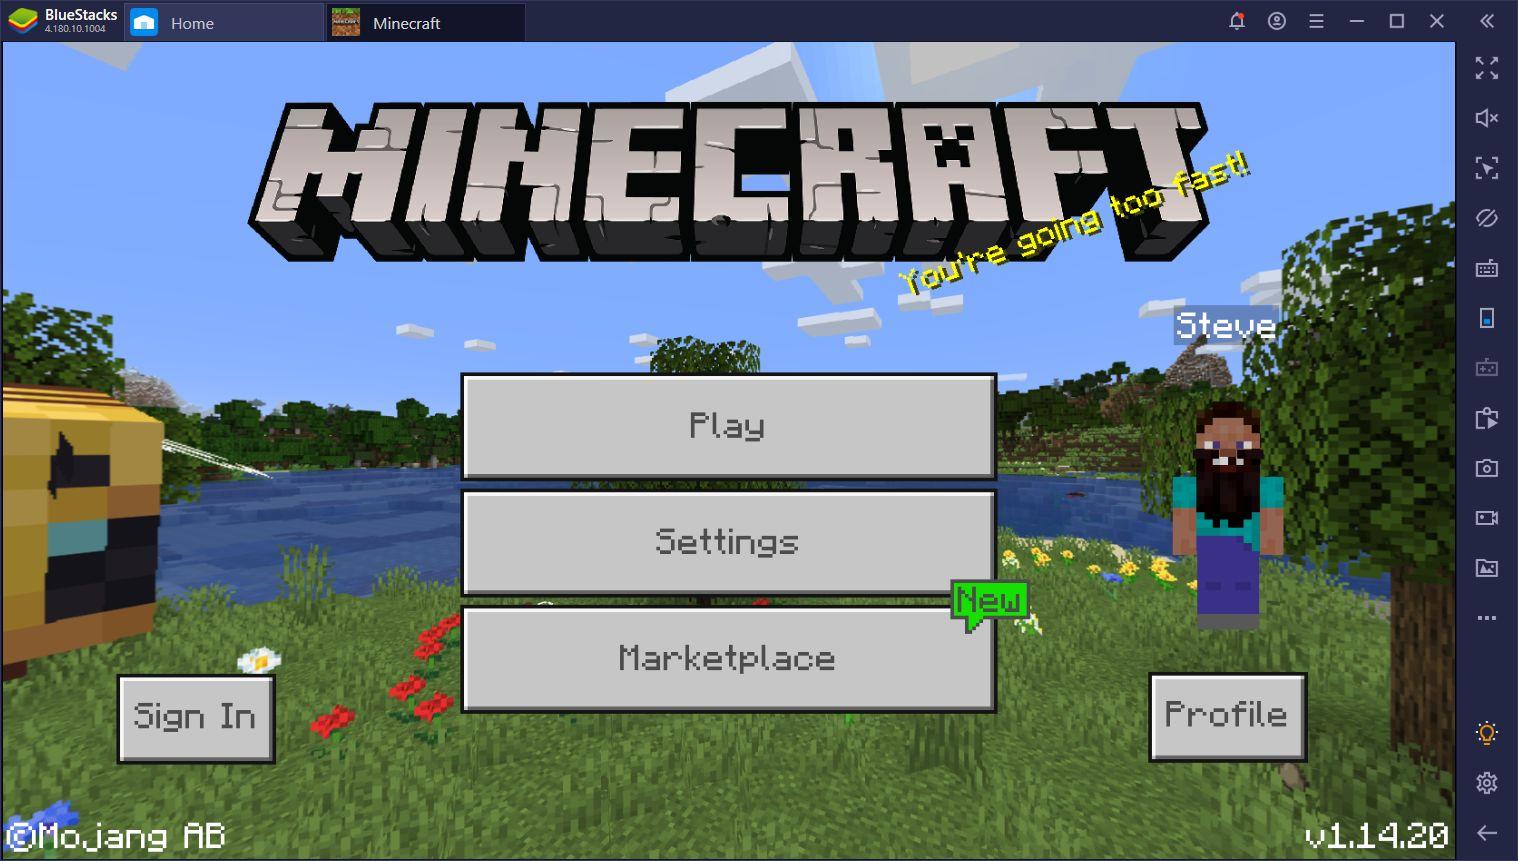 Minecraft Bluestacks